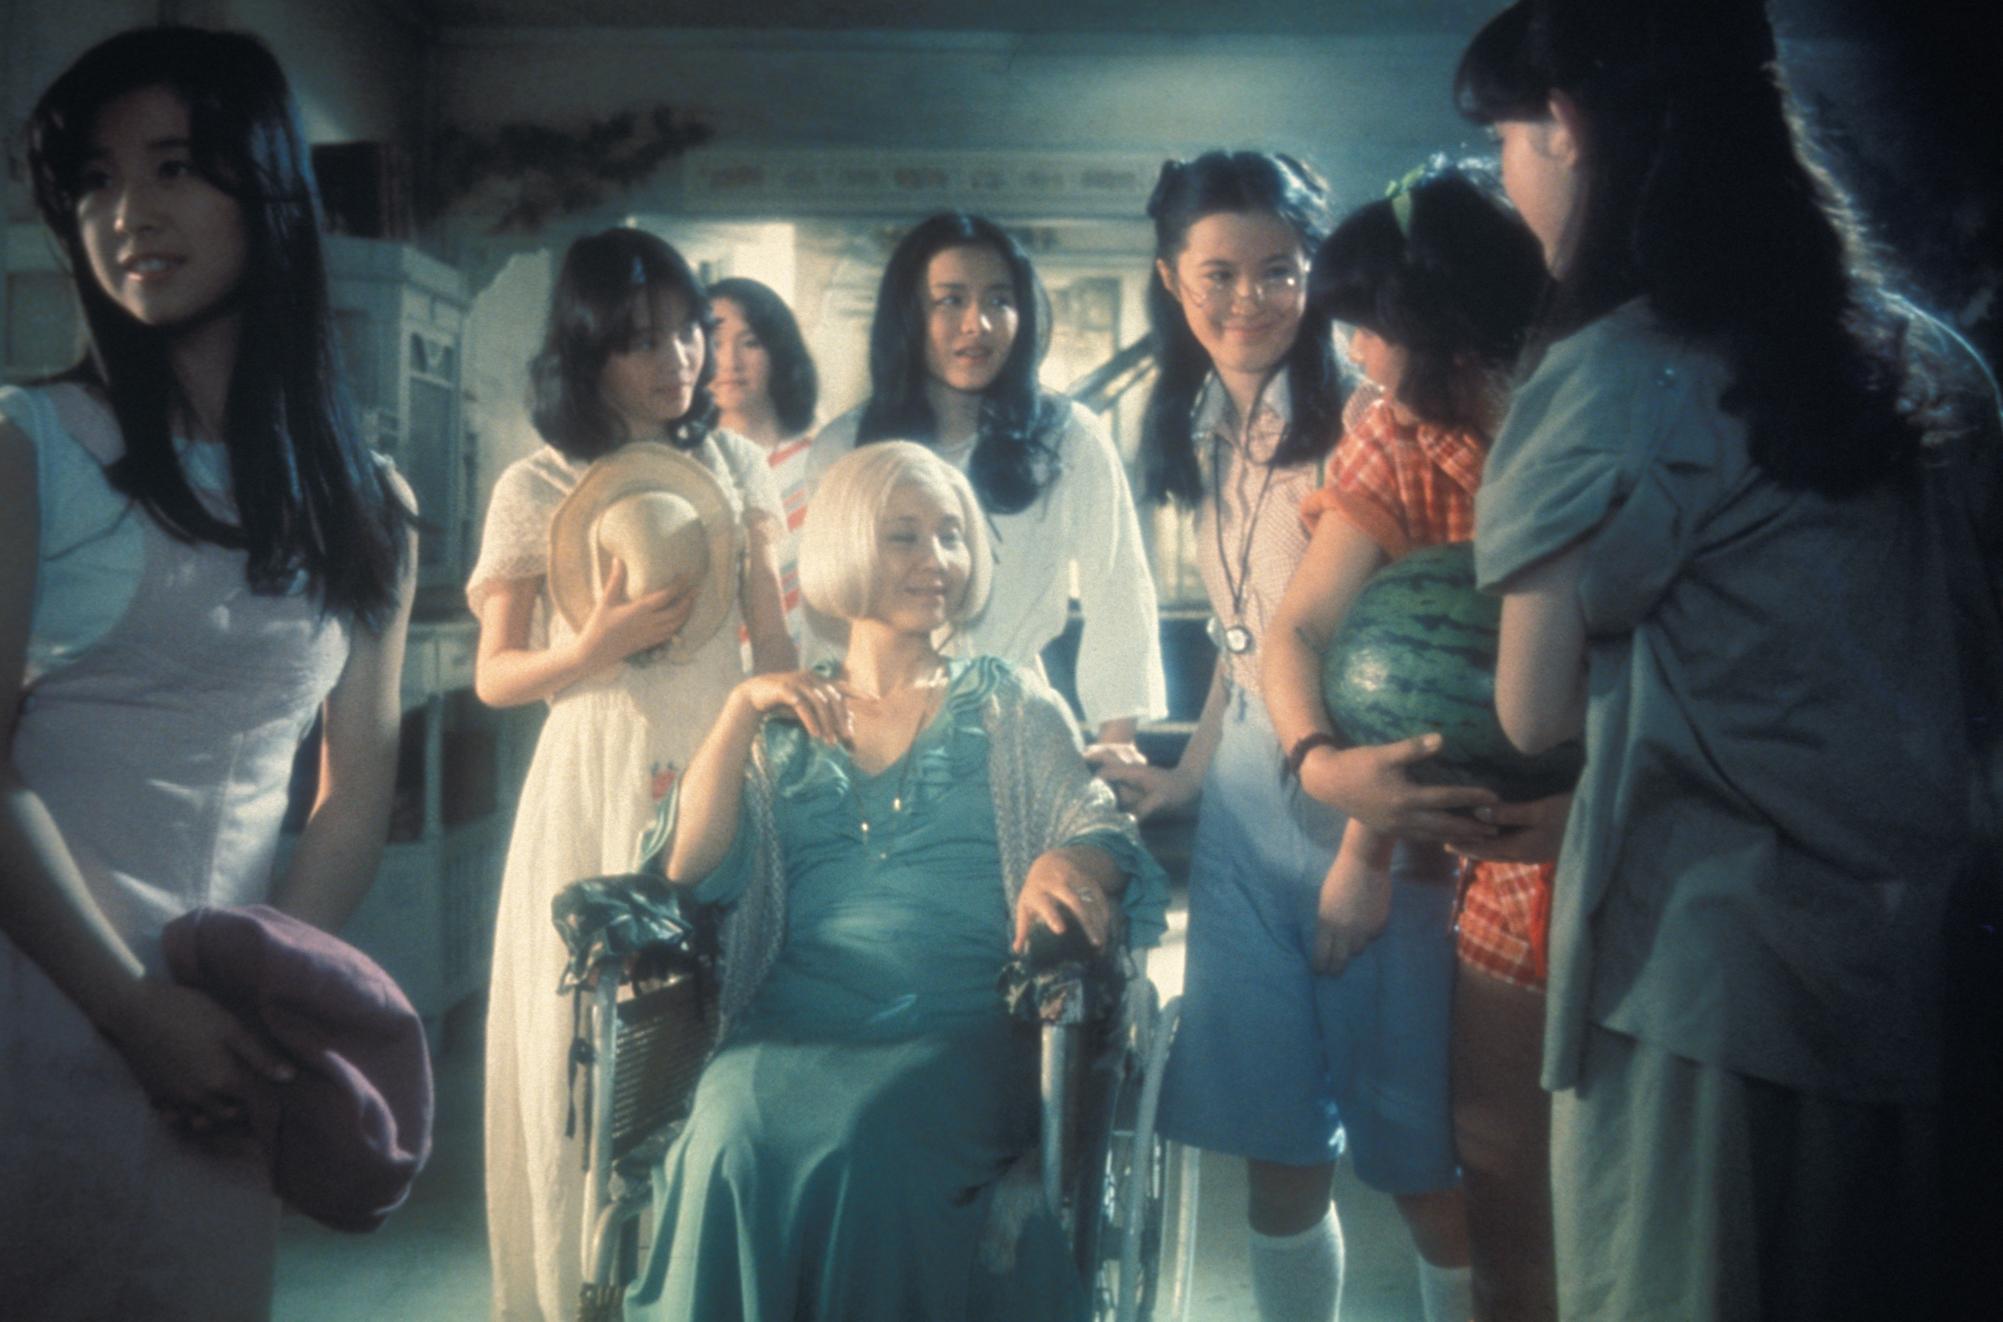 """The cast:  Kumiko Oba (""""Fantasy""""), Masayo Miyako (""""Sweet""""), Eriko Tanaka (""""Melody""""), Kimiko Ikegami (""""Gorgeous""""), Ai Matsubara (""""Prof""""), Mieko Sato (""""Mac""""), Miki Jinbo (""""Kung Fu""""); seated: Yoko Minamida (""""Gorgeous's Aunt"""")"""